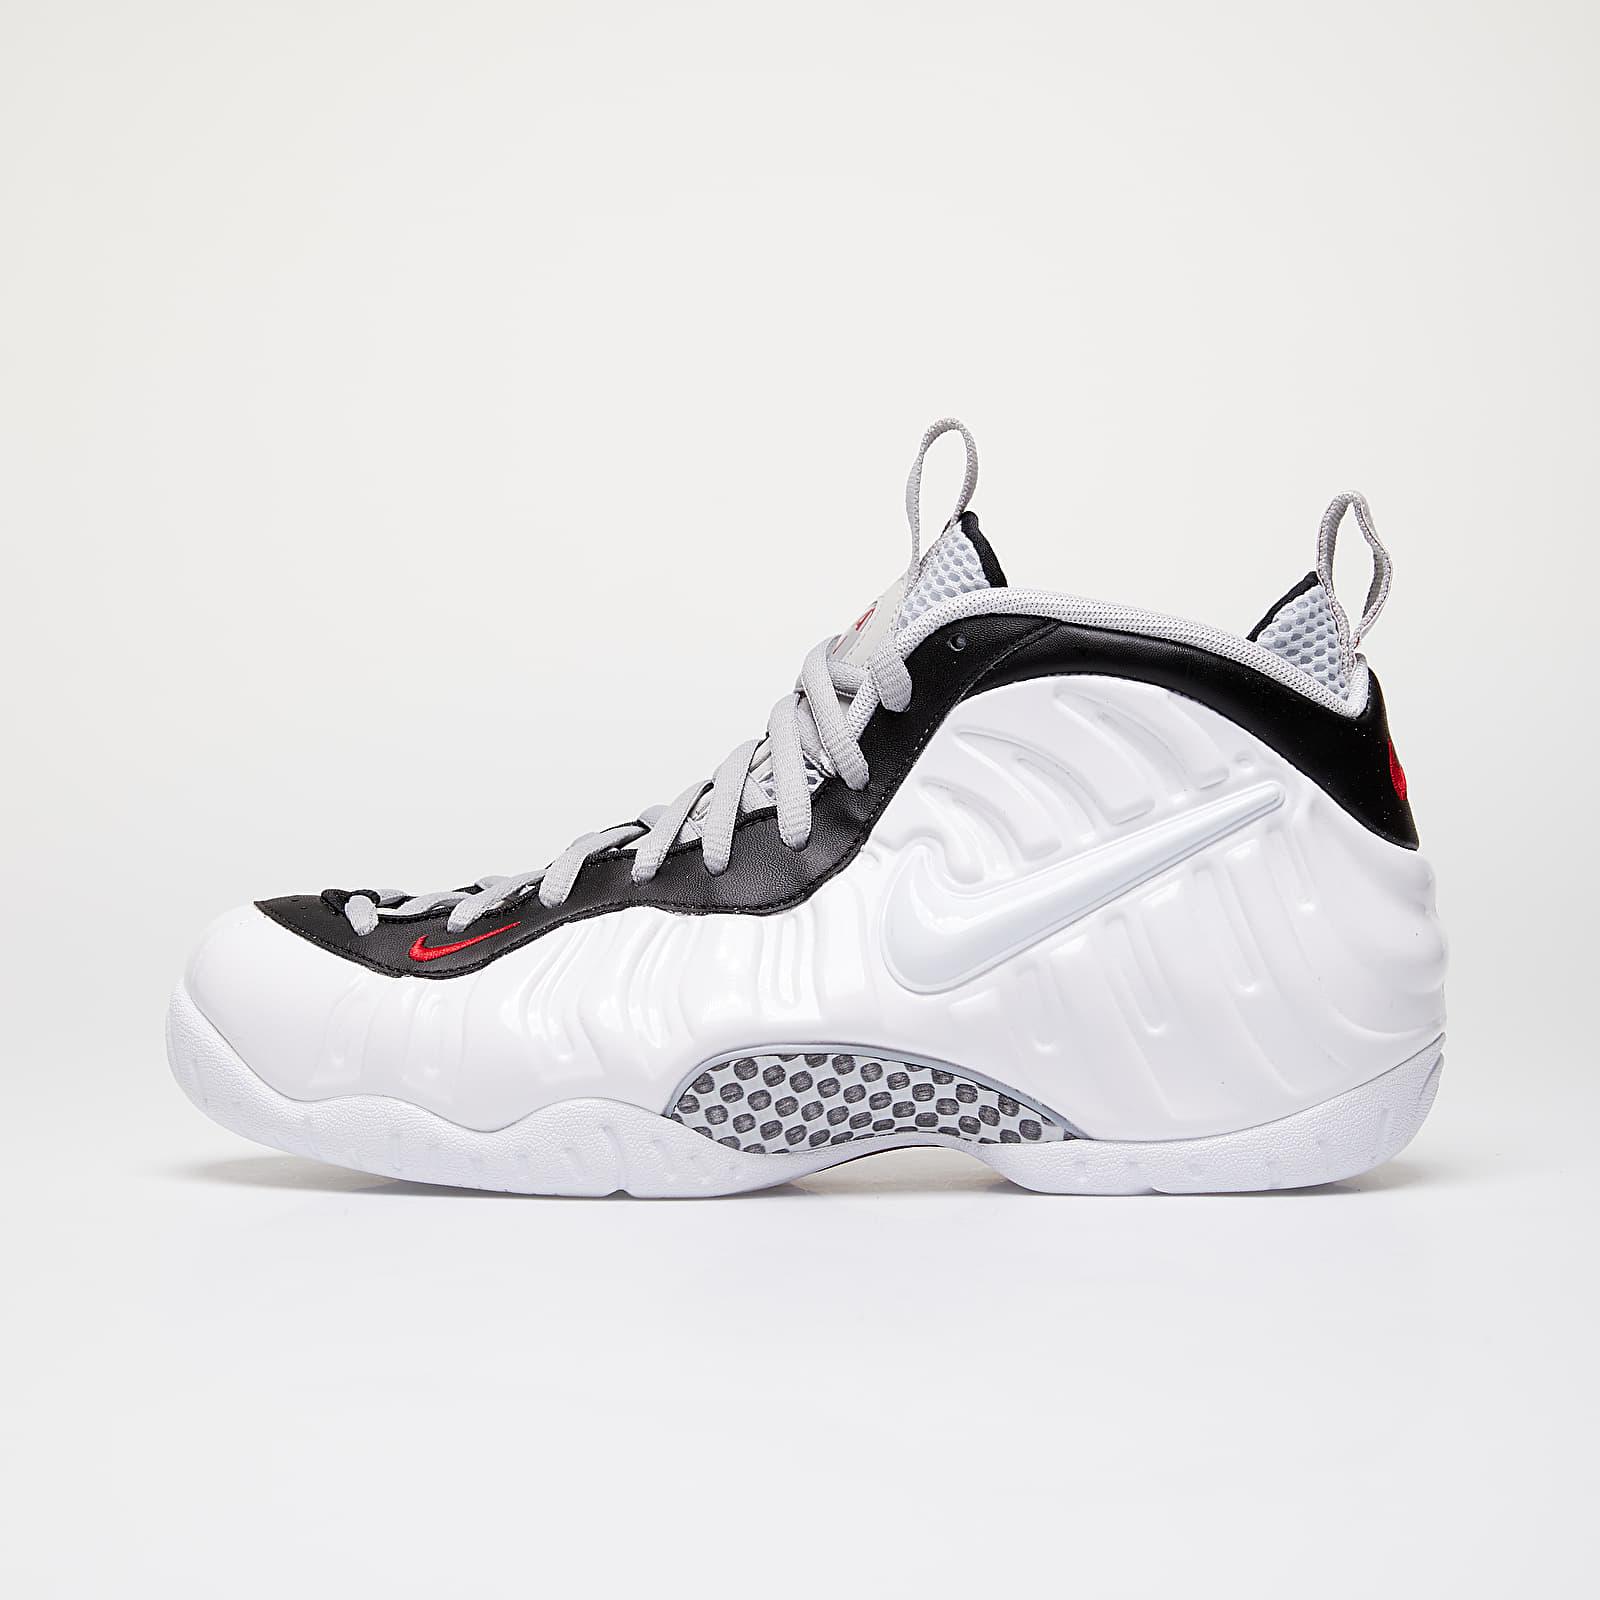 Pánské tenisky a boty Nike Air Foamposite Pro White/ White-Black-University Red